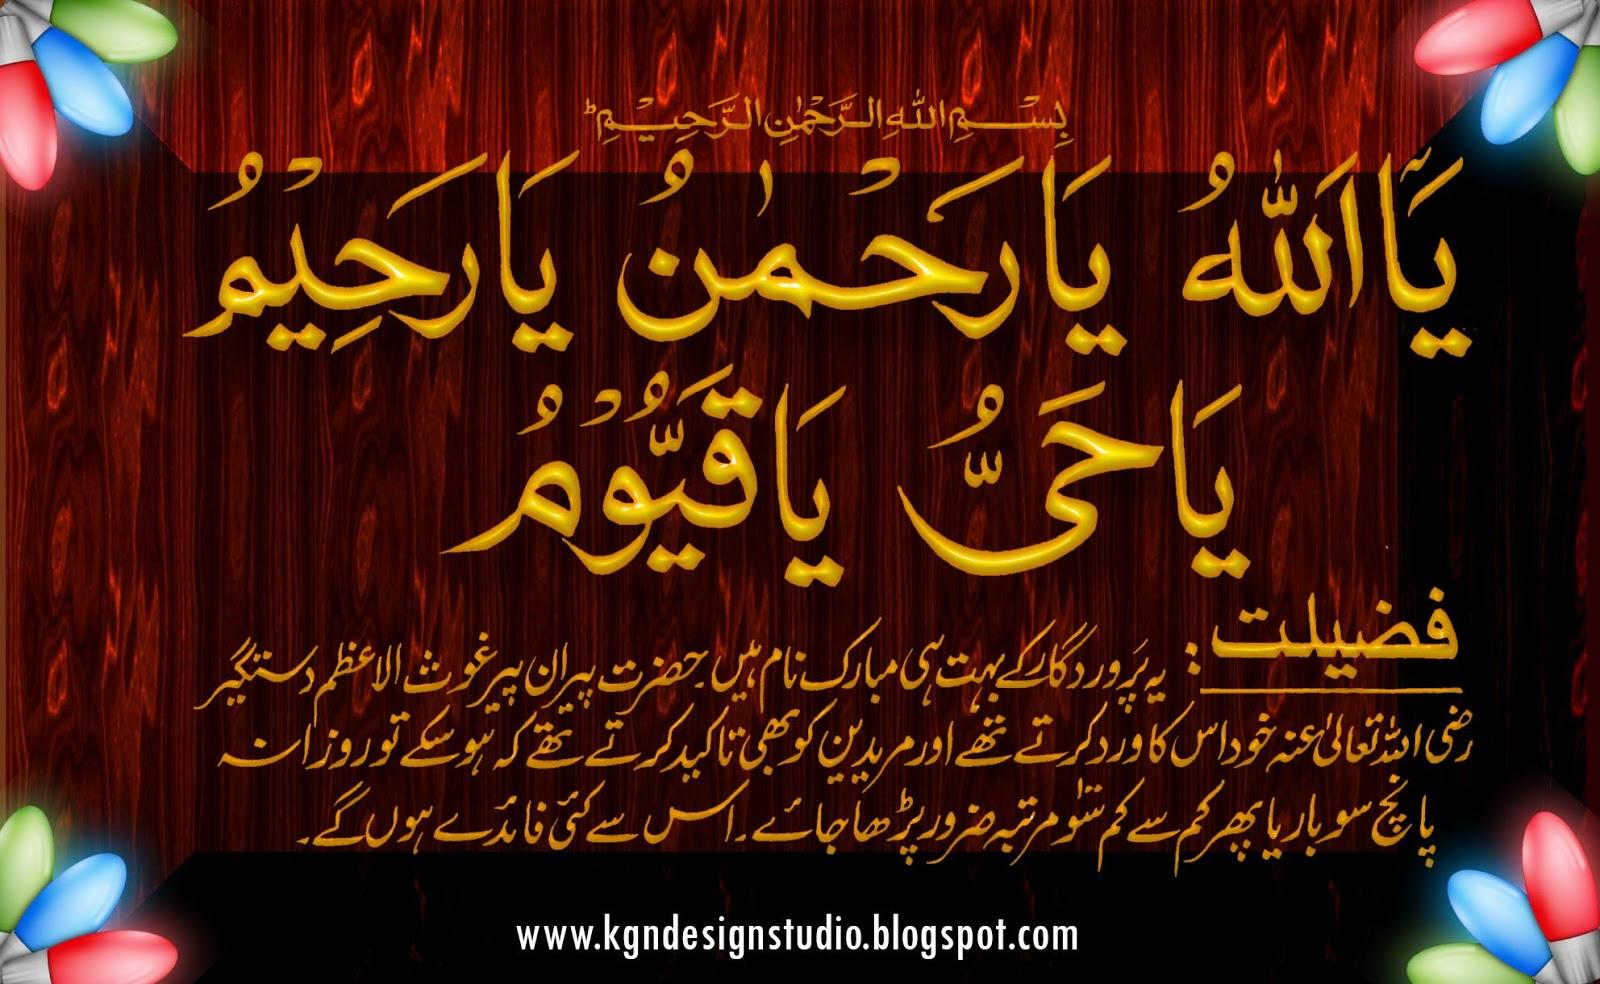 http://3.bp.blogspot.com/-jS4pOQVviHk/UO-uNGDgu6I/AAAAAAAACkA/iXfuUihI5RQ/s1600/Urdu+Hadees-6.jpg